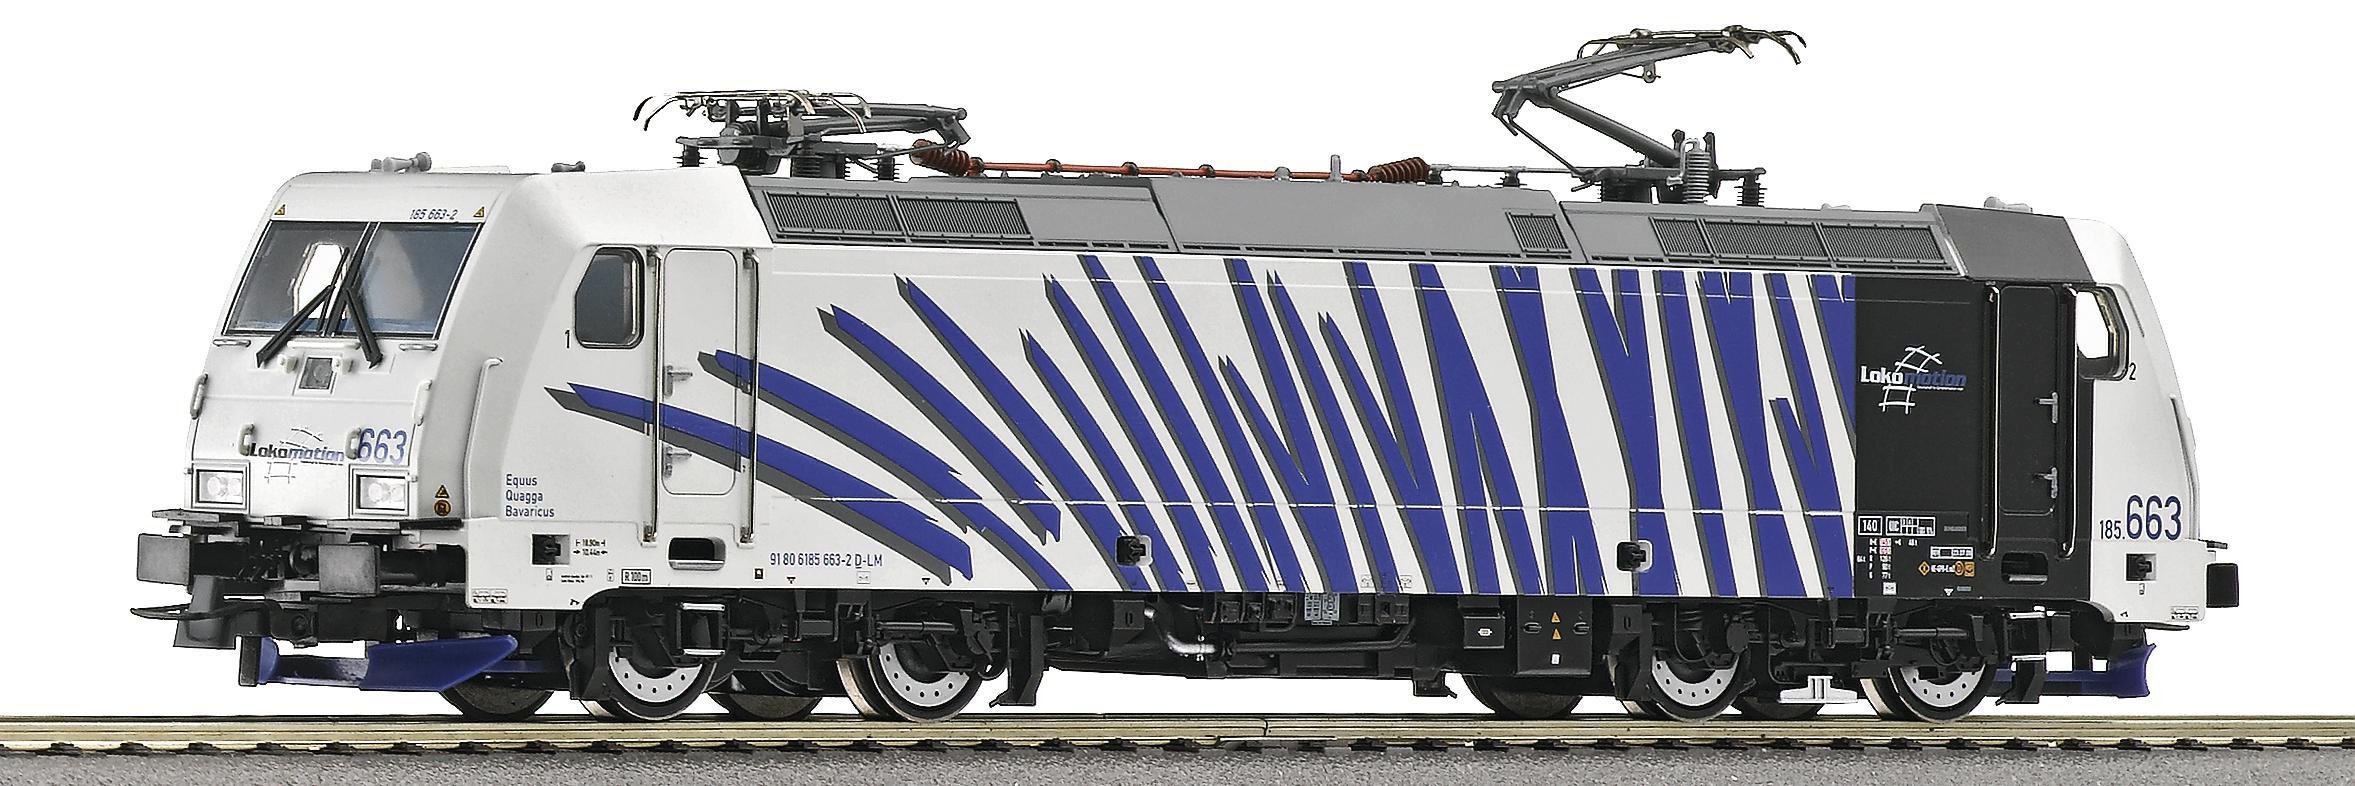 Roco 62390 - BR 185.5, 'Lokomotion', modernisierte Bauserie mit crashoptimiertem Lokkasten.1